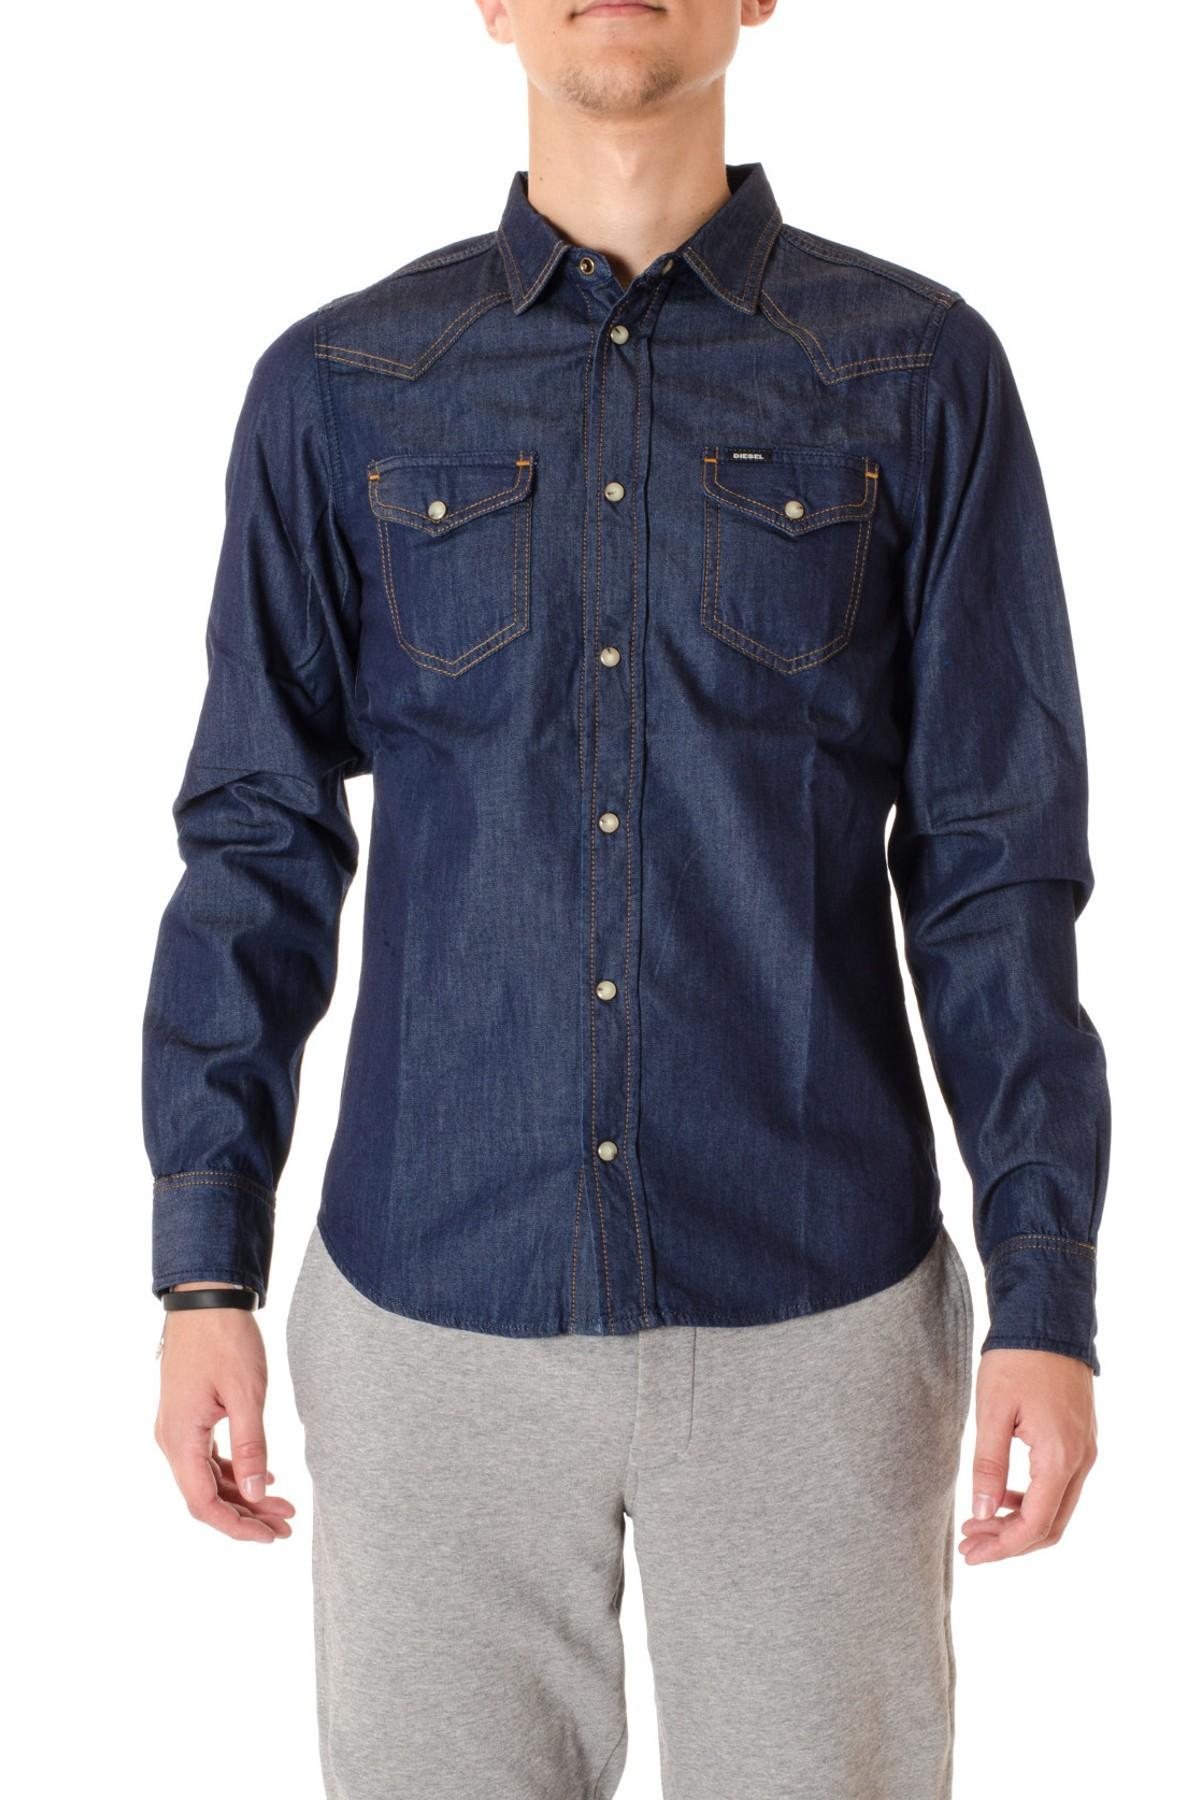 22e86e9fd259e1 Camicia in denim blu DIESEL A/I per uomo - Rione Fontana